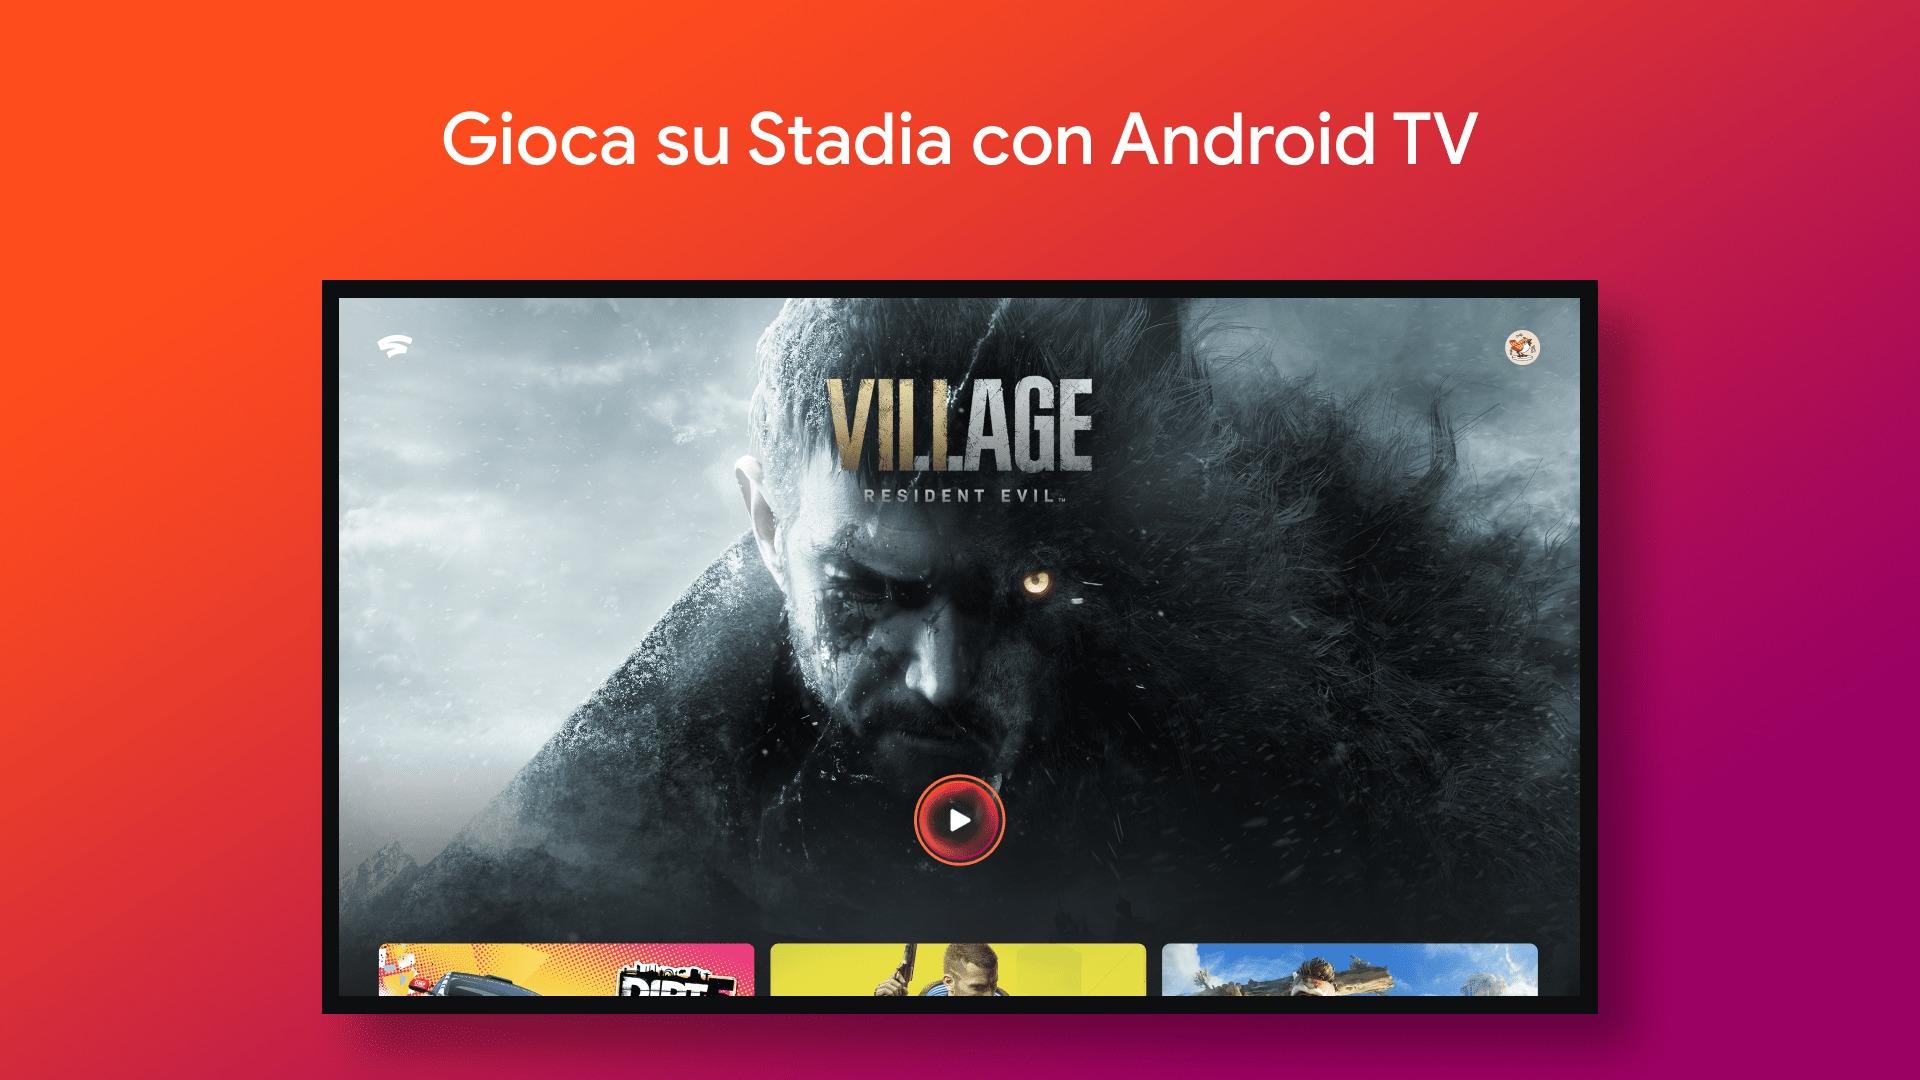 Stadia per Android TV continua a fare incetta di utenti: ci avete giocato?